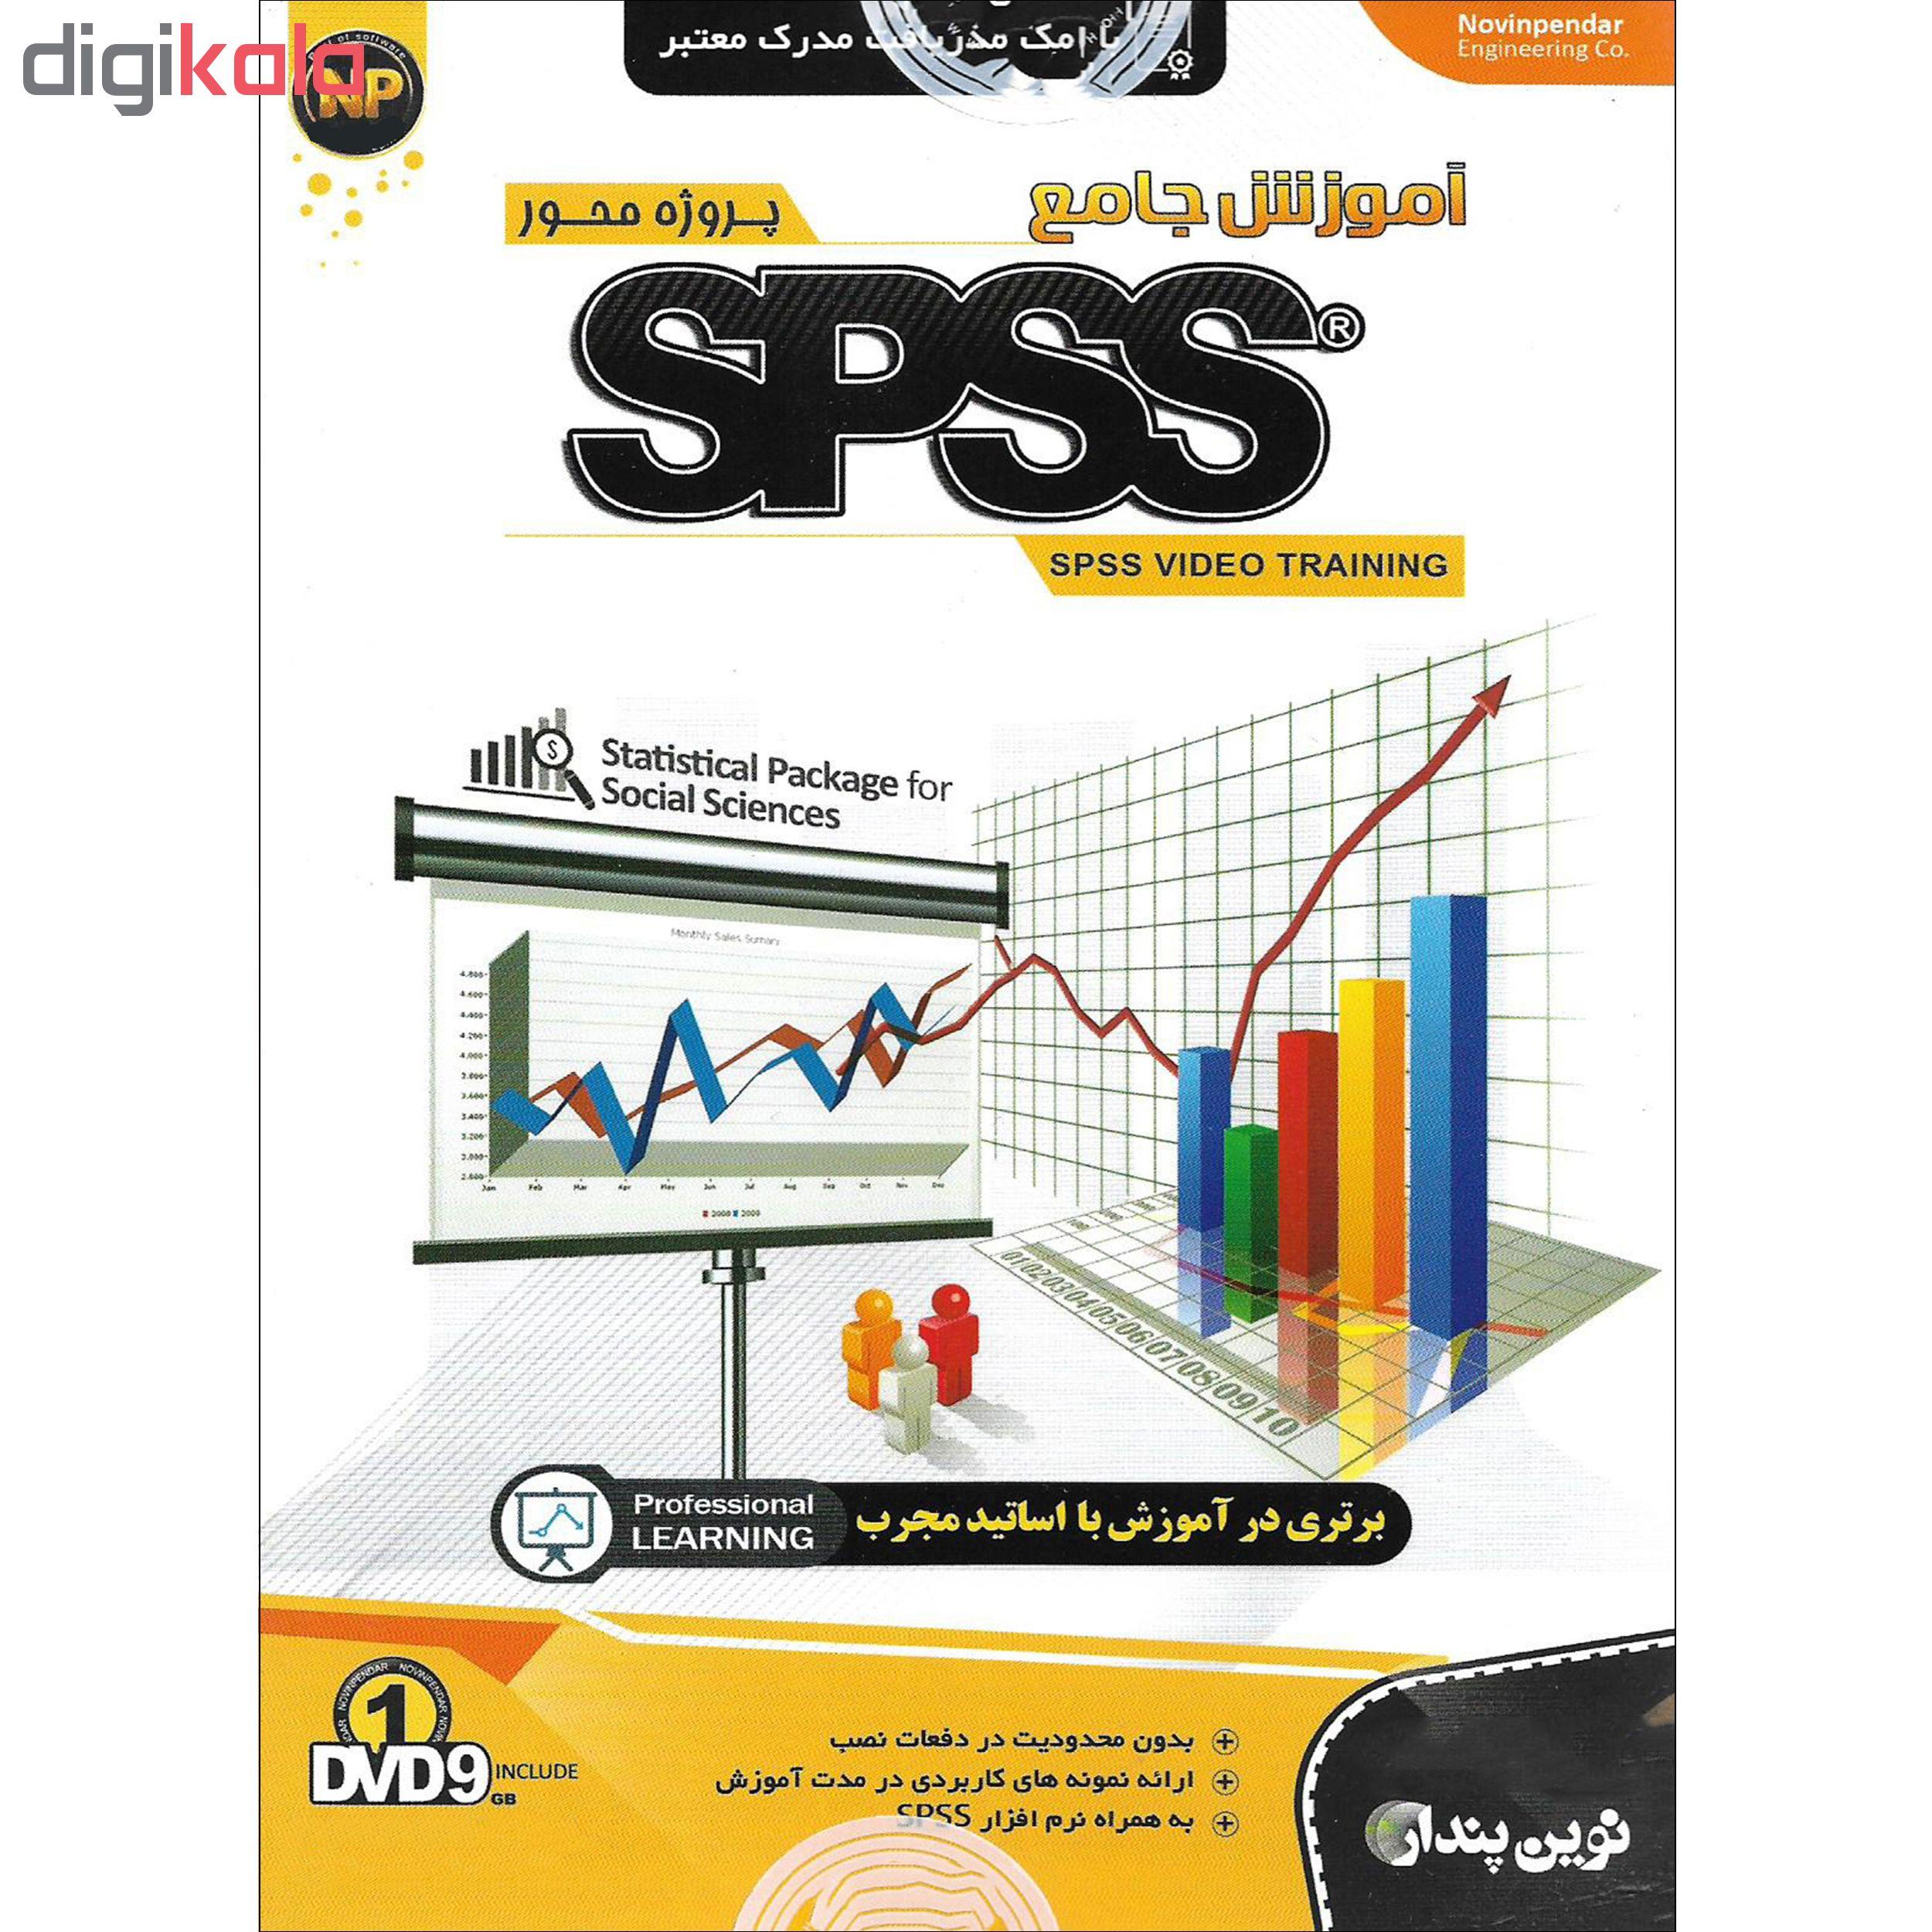 نرم افزار آموزش پروژه محور SPSS نشر نوین پندار به همراه نرم افزار آموزش PRIMAVERA نشر پدیده